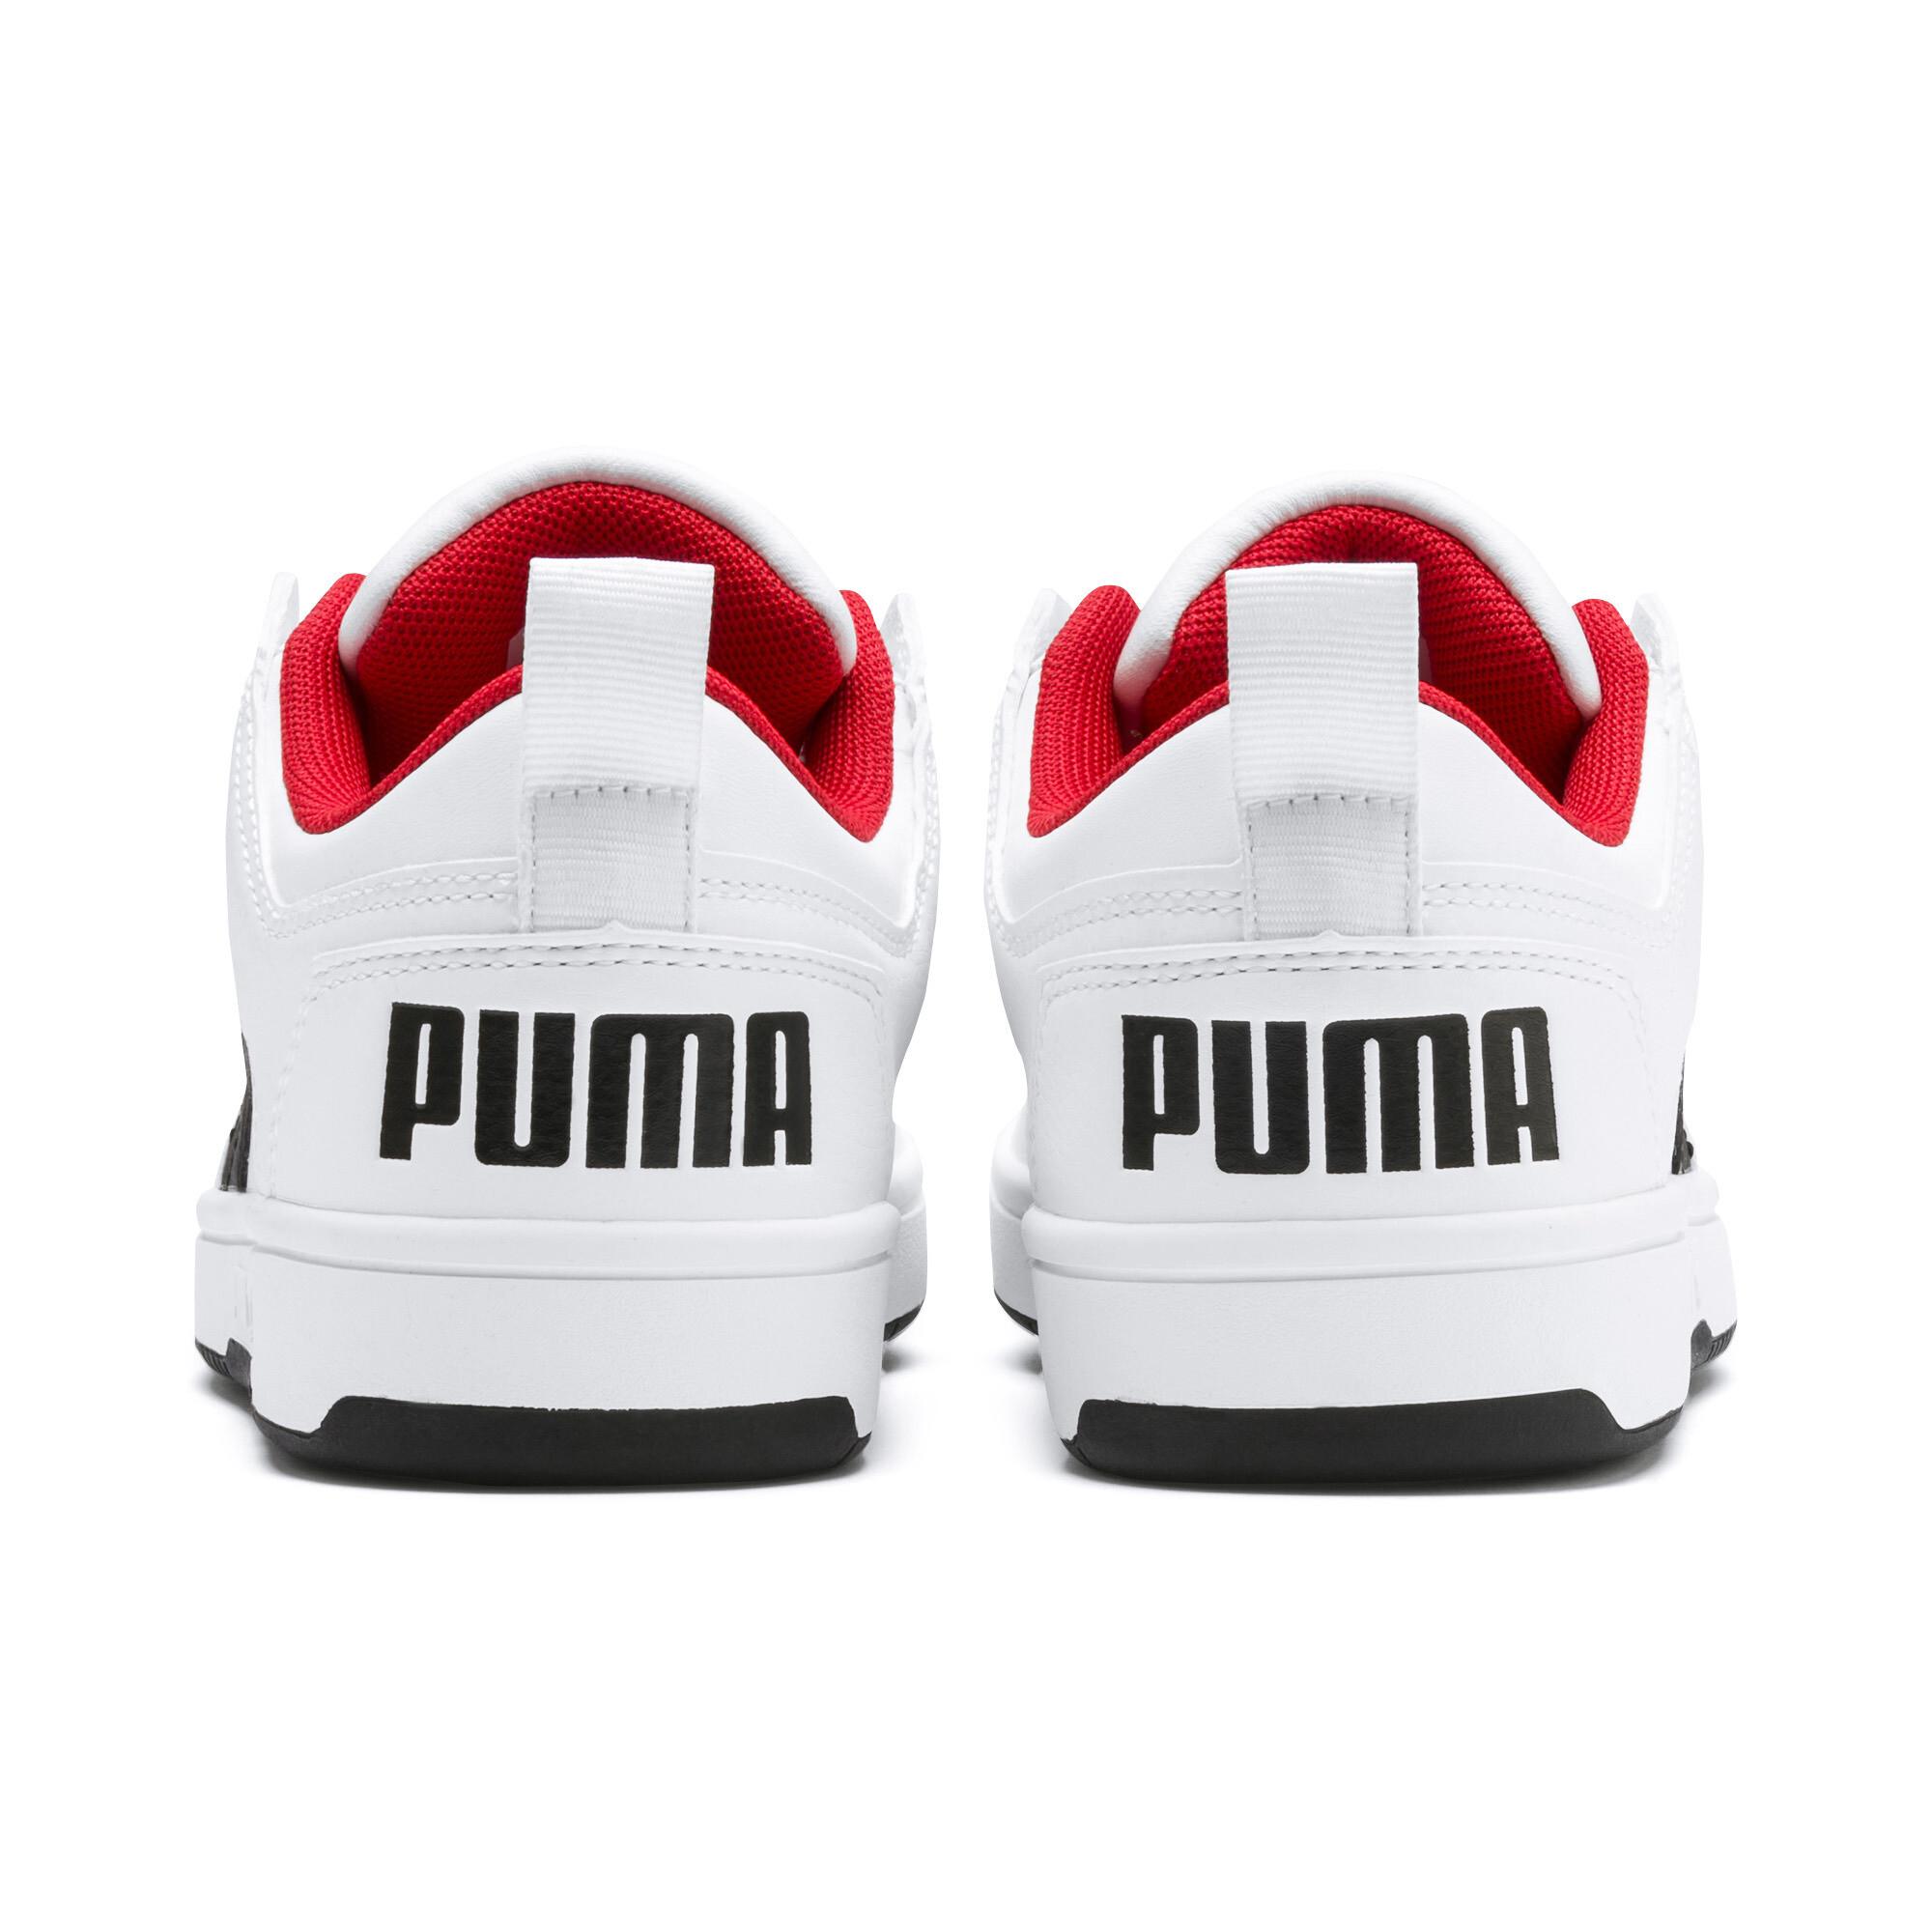 PUMA-PUMA-Rebound-LayUp-Lo-Sneakers-JR-Boys-Shoe-Kids thumbnail 9